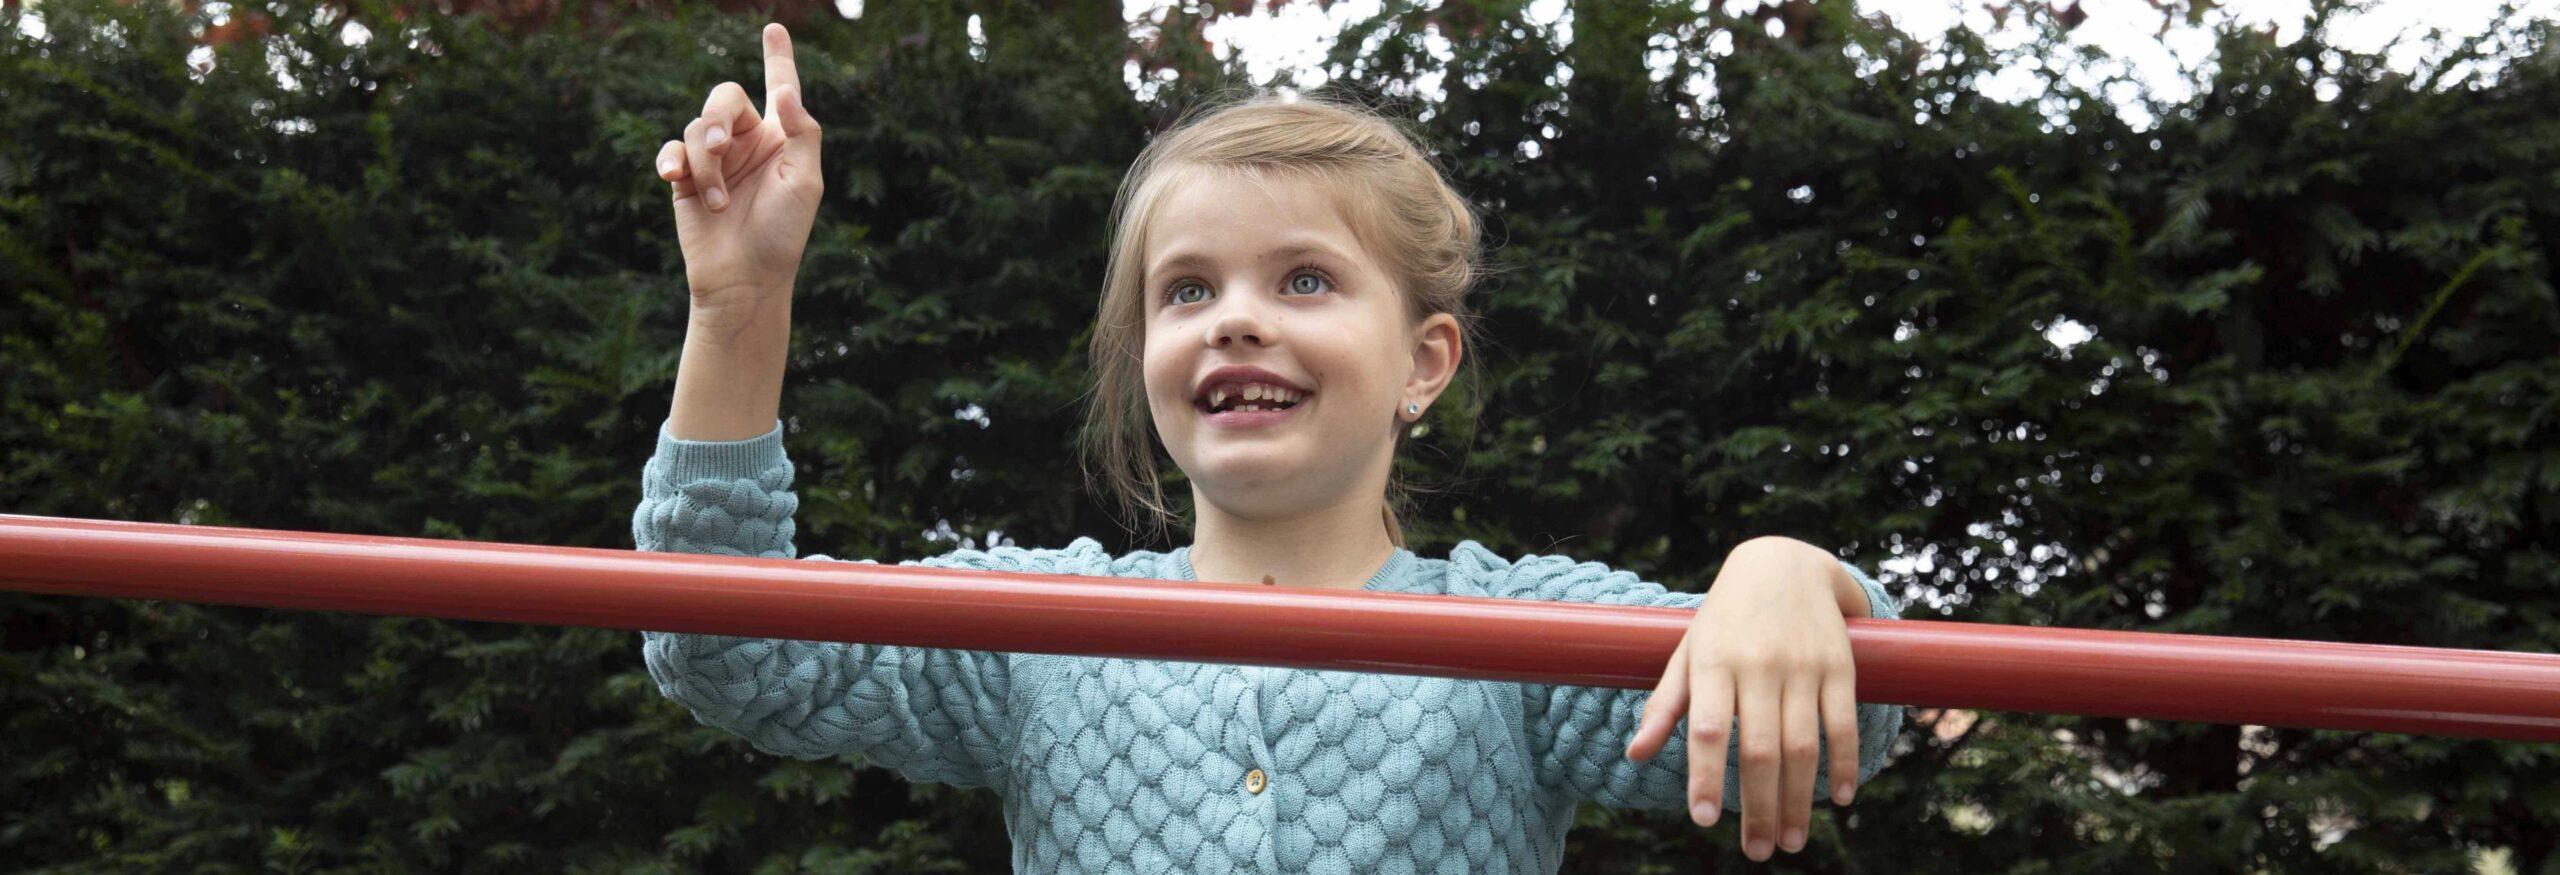 Meisje bij een klimrek